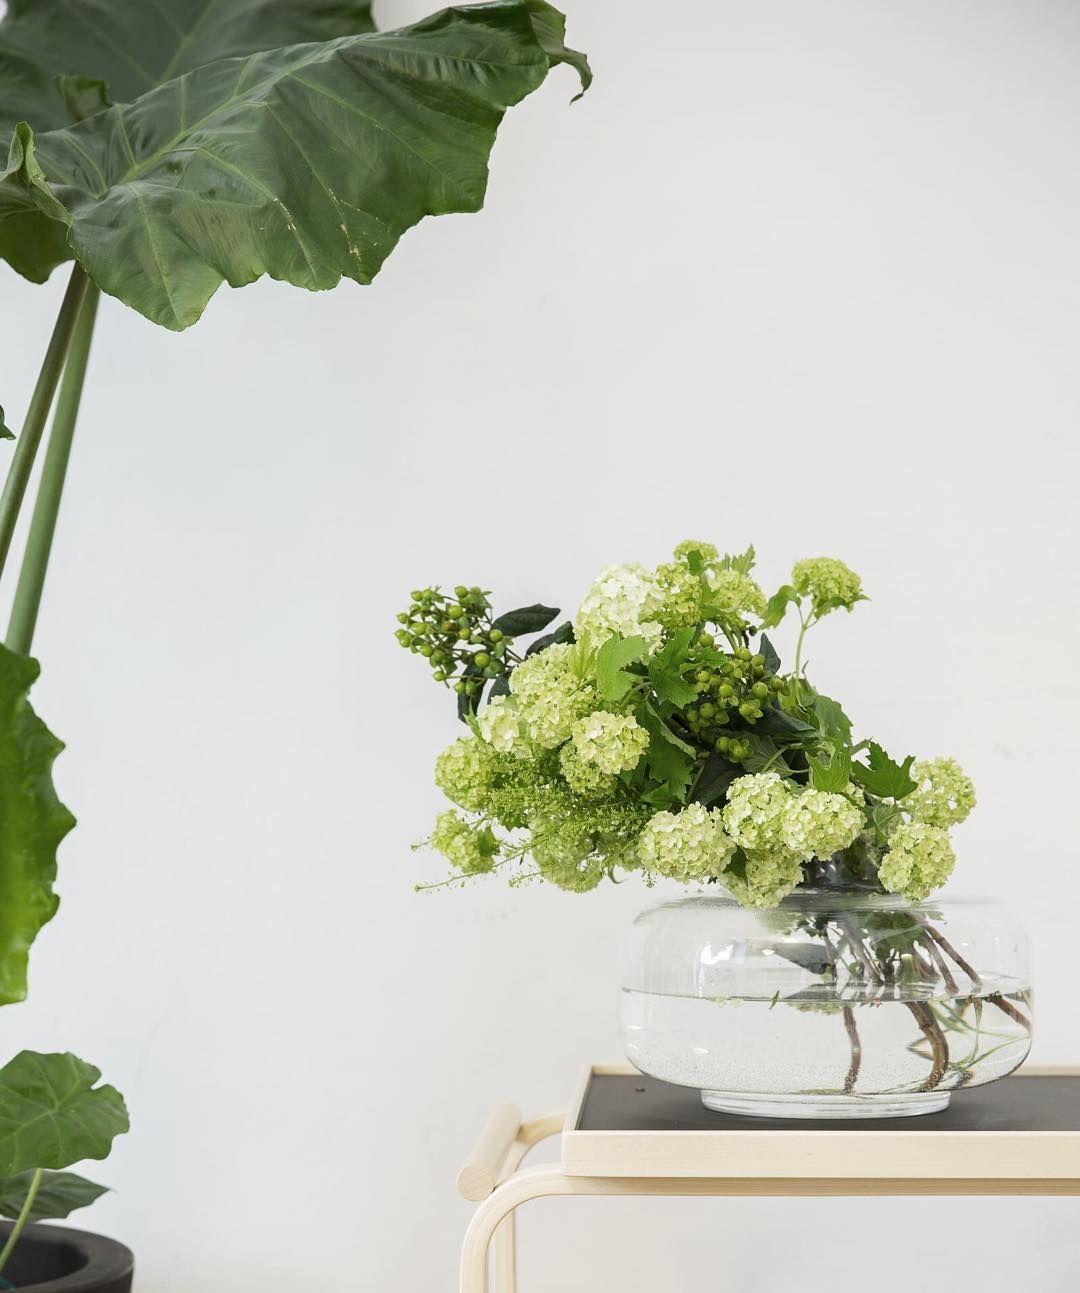 Ihanaa vihreyttä Marimekko Homessa Milanossa. @marimekkodesignhouse @carinasethandersson #urna #raparperinalla #artek #vihreä #kukkakimppu #sisustus #interiors #interiordecor #interiordecoration